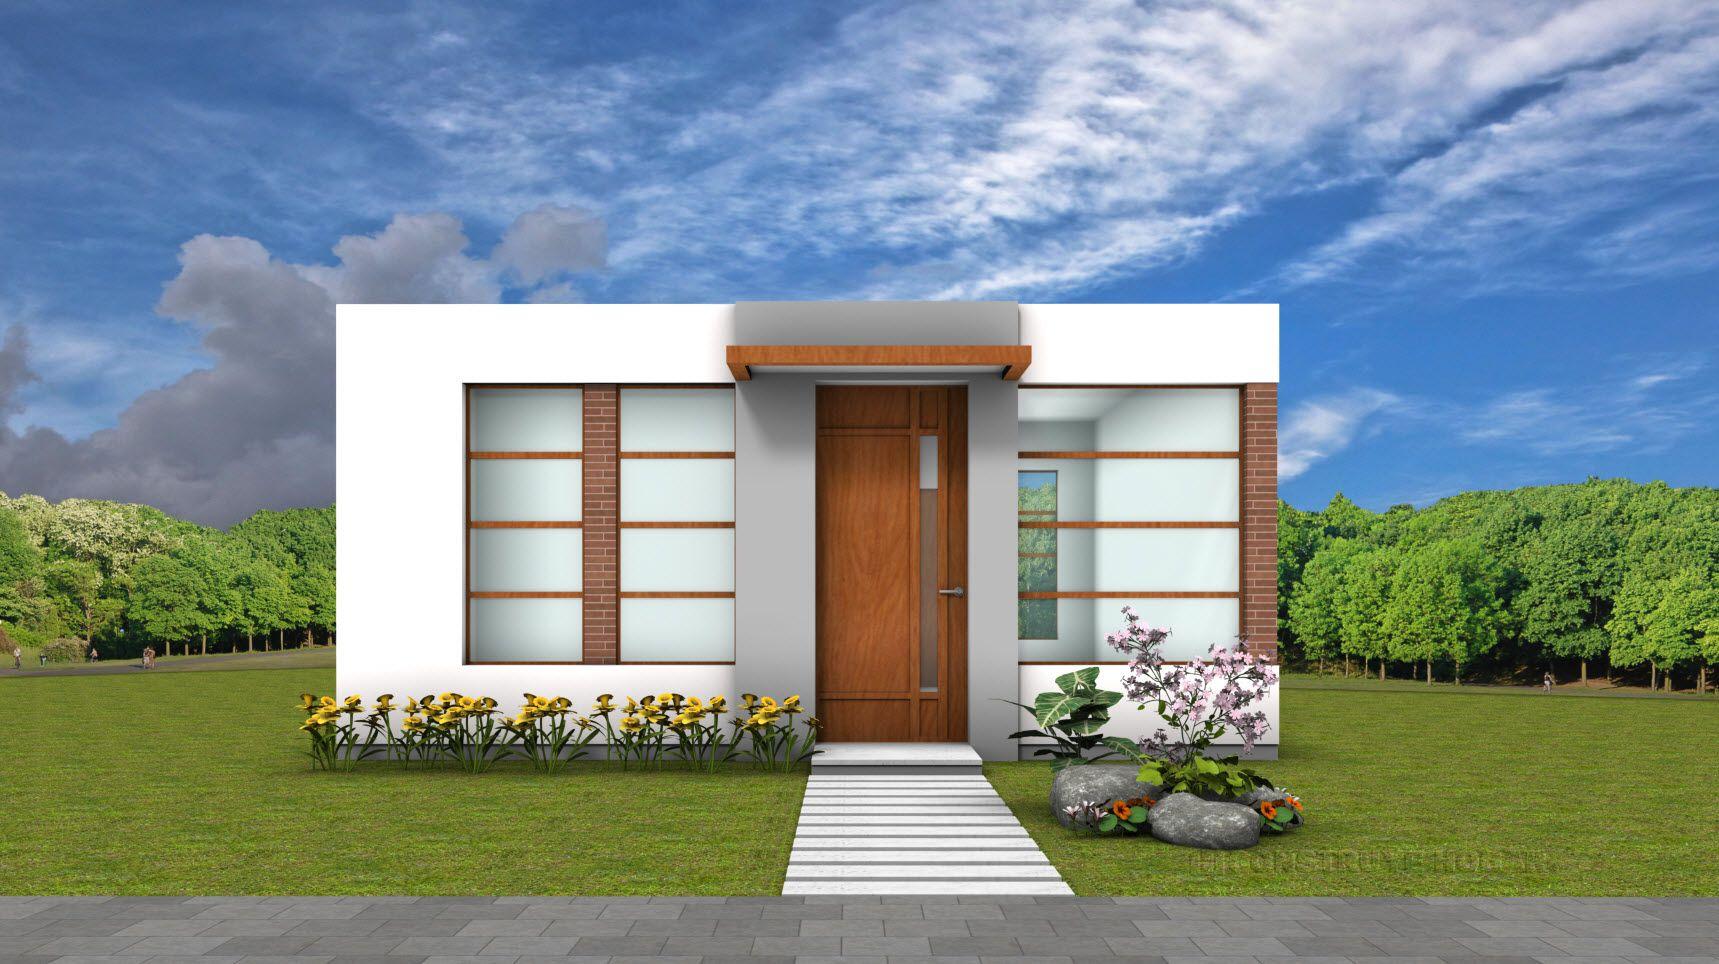 Las mejores fachadas de casas pequeñas y bonitas - MA Arquitectura